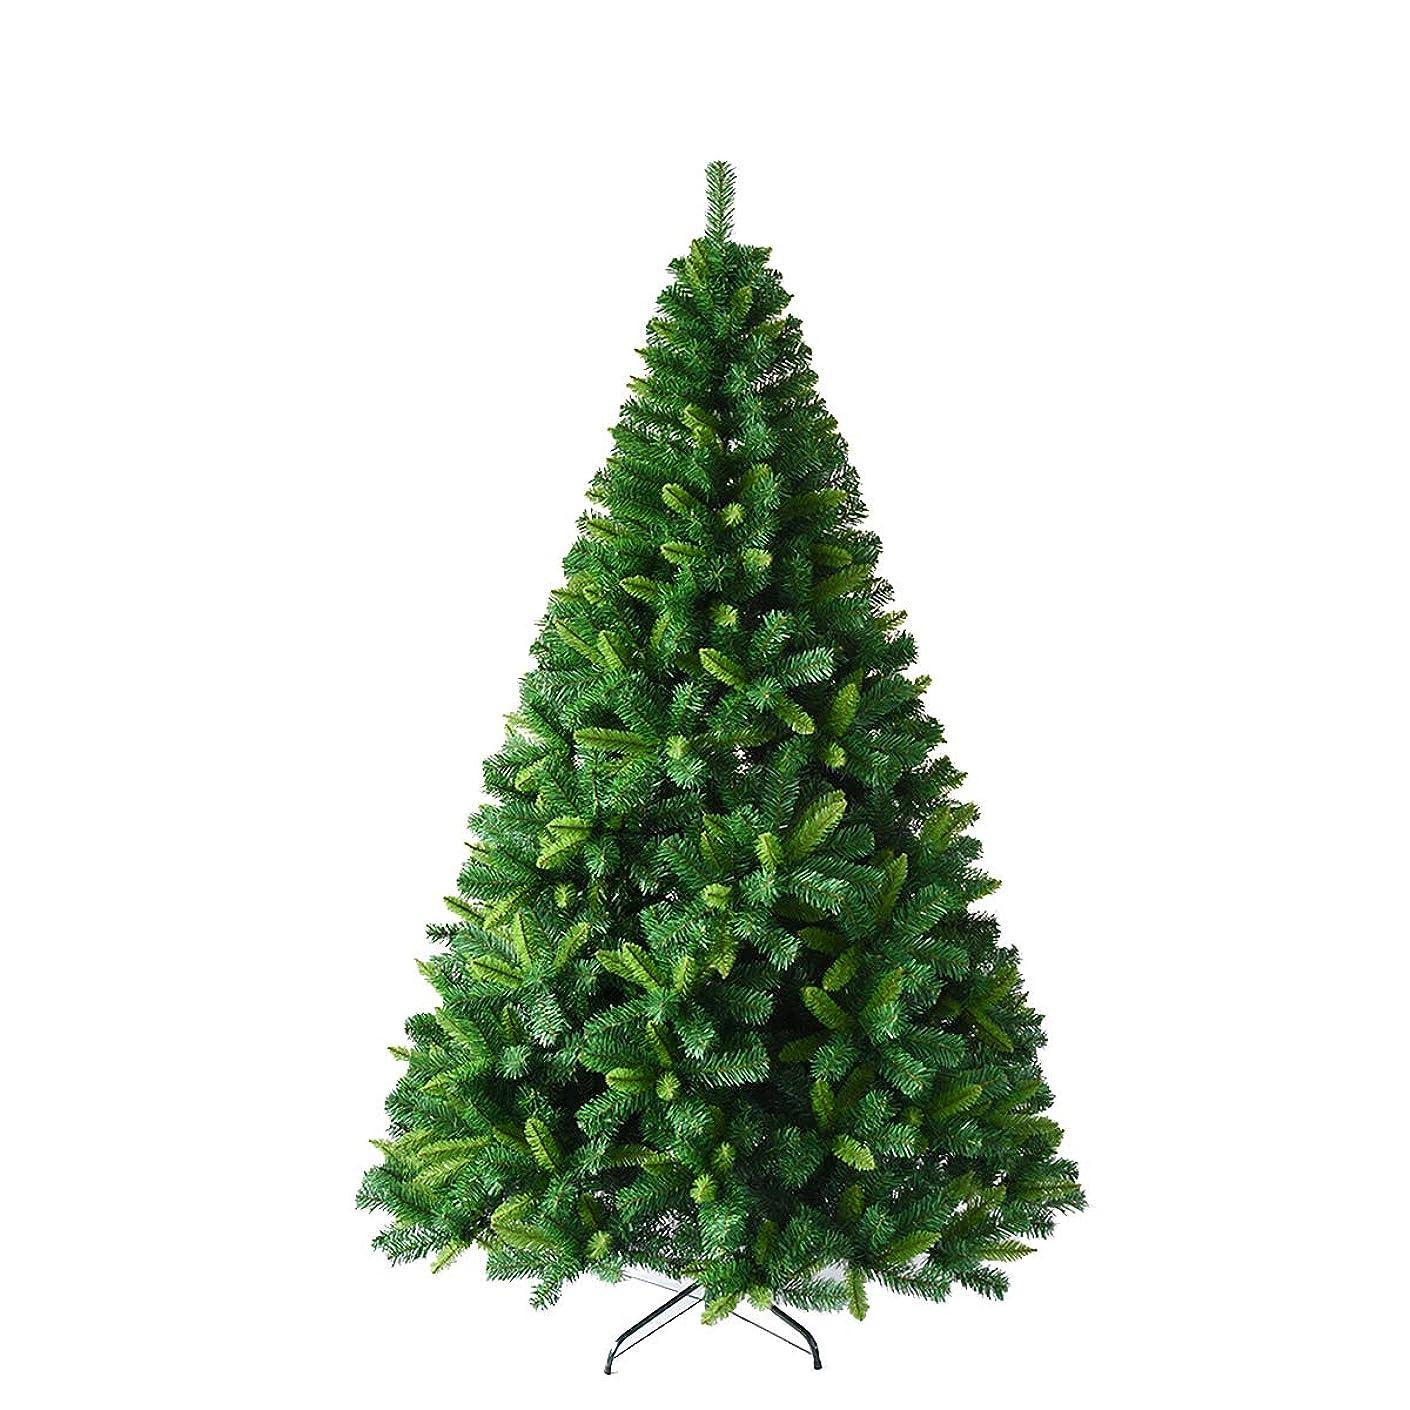 メジャー想定するゴミ箱CCINEE クリスマスツリー 150cm 枝数300本 グリーン ヌードツリー おしゃれ 北欧 リアル 高濃密度 組立簡単 イベント用 収納便利 松かさ クリスマスグッズ インテリア用品 クリスマスプレゼントに最適 (150cm) 説明書付き